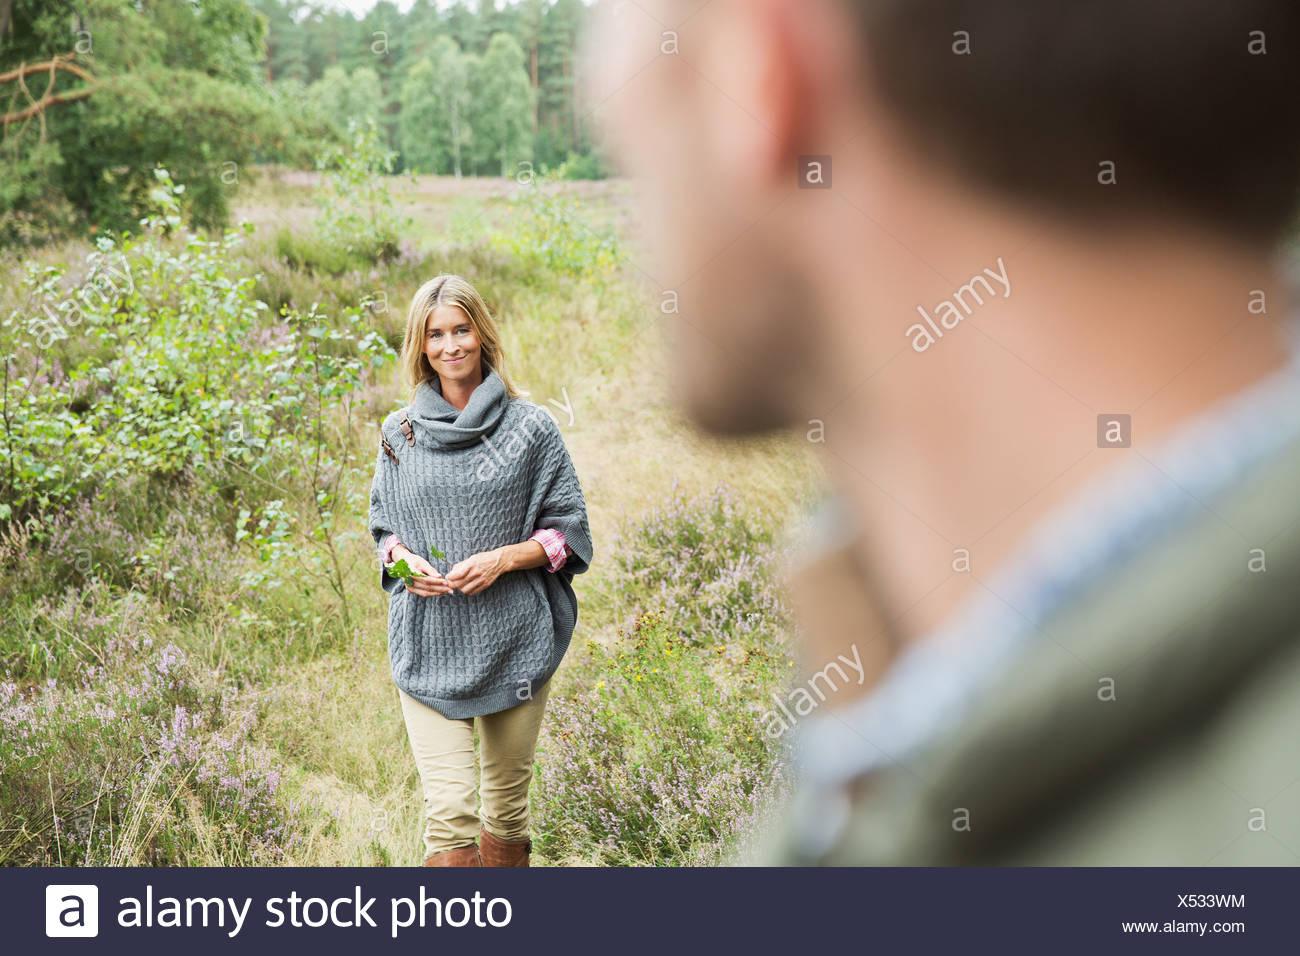 Metà donna adulta holding foglia, uomo sfocato in primo piano Immagini Stock